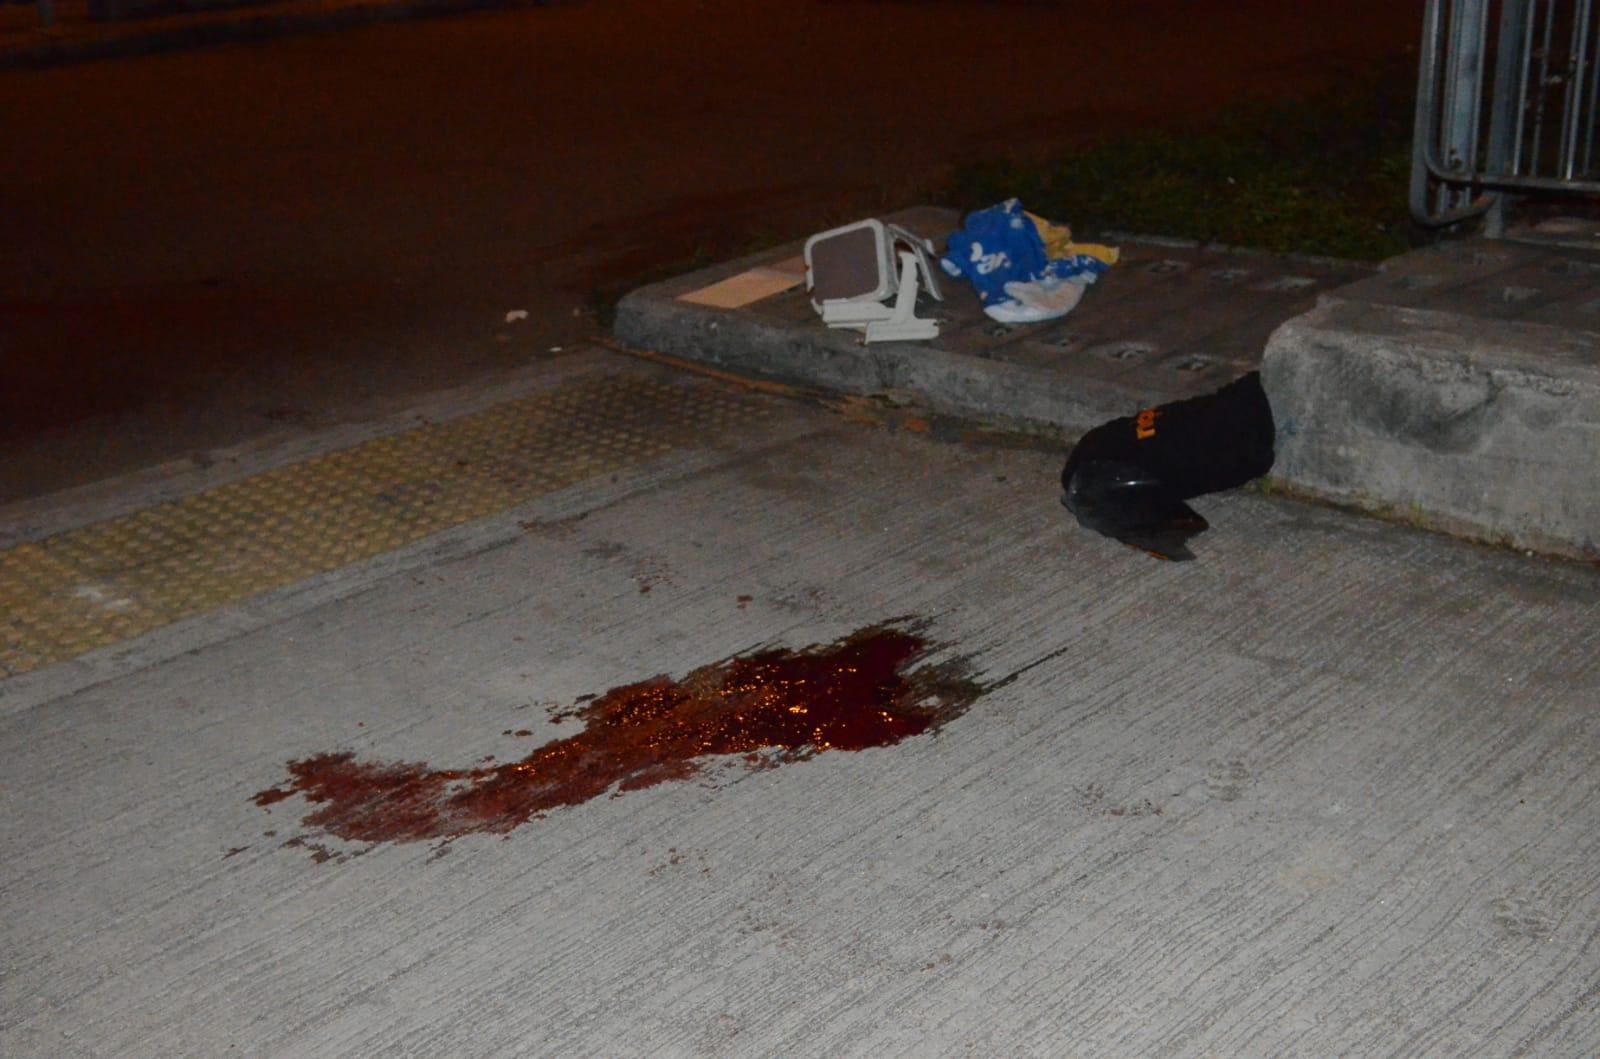 地上遺下大片血跡。